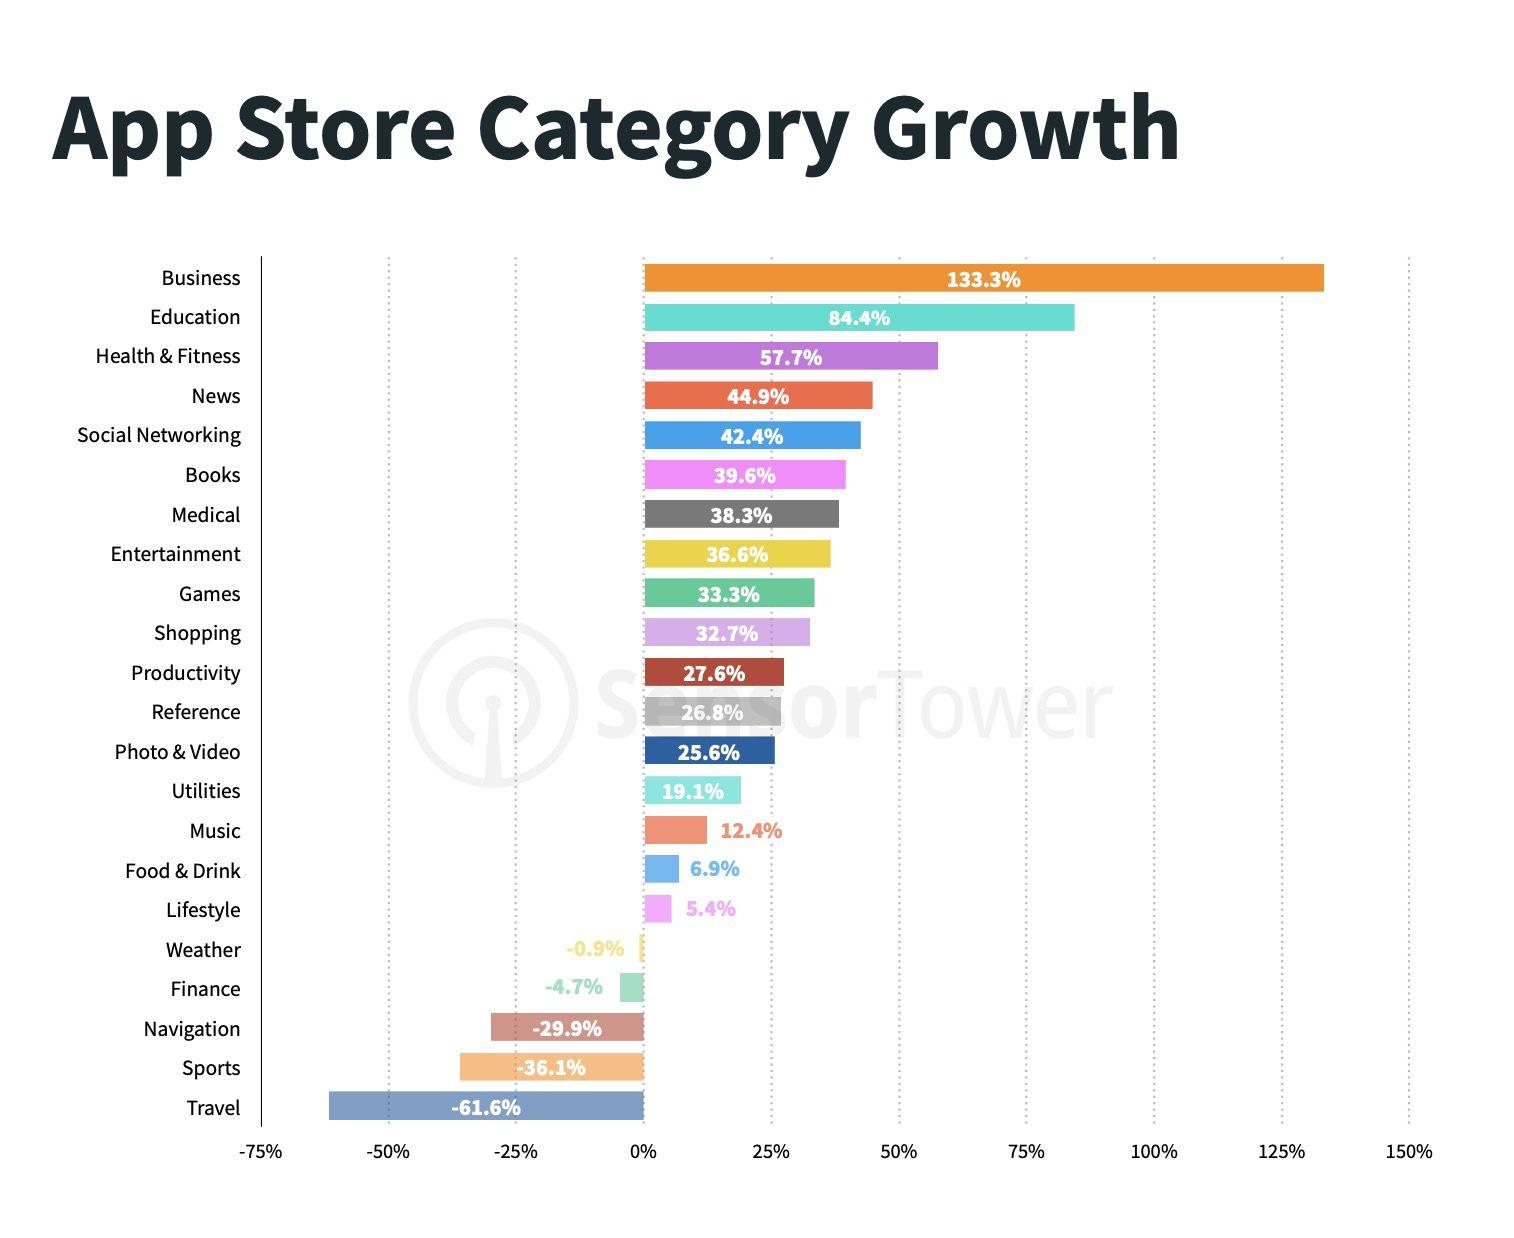 Une infographie concernant les catégories d'applications qui ont le plus performé sur l'App Store au deuxième trimestre 2020.